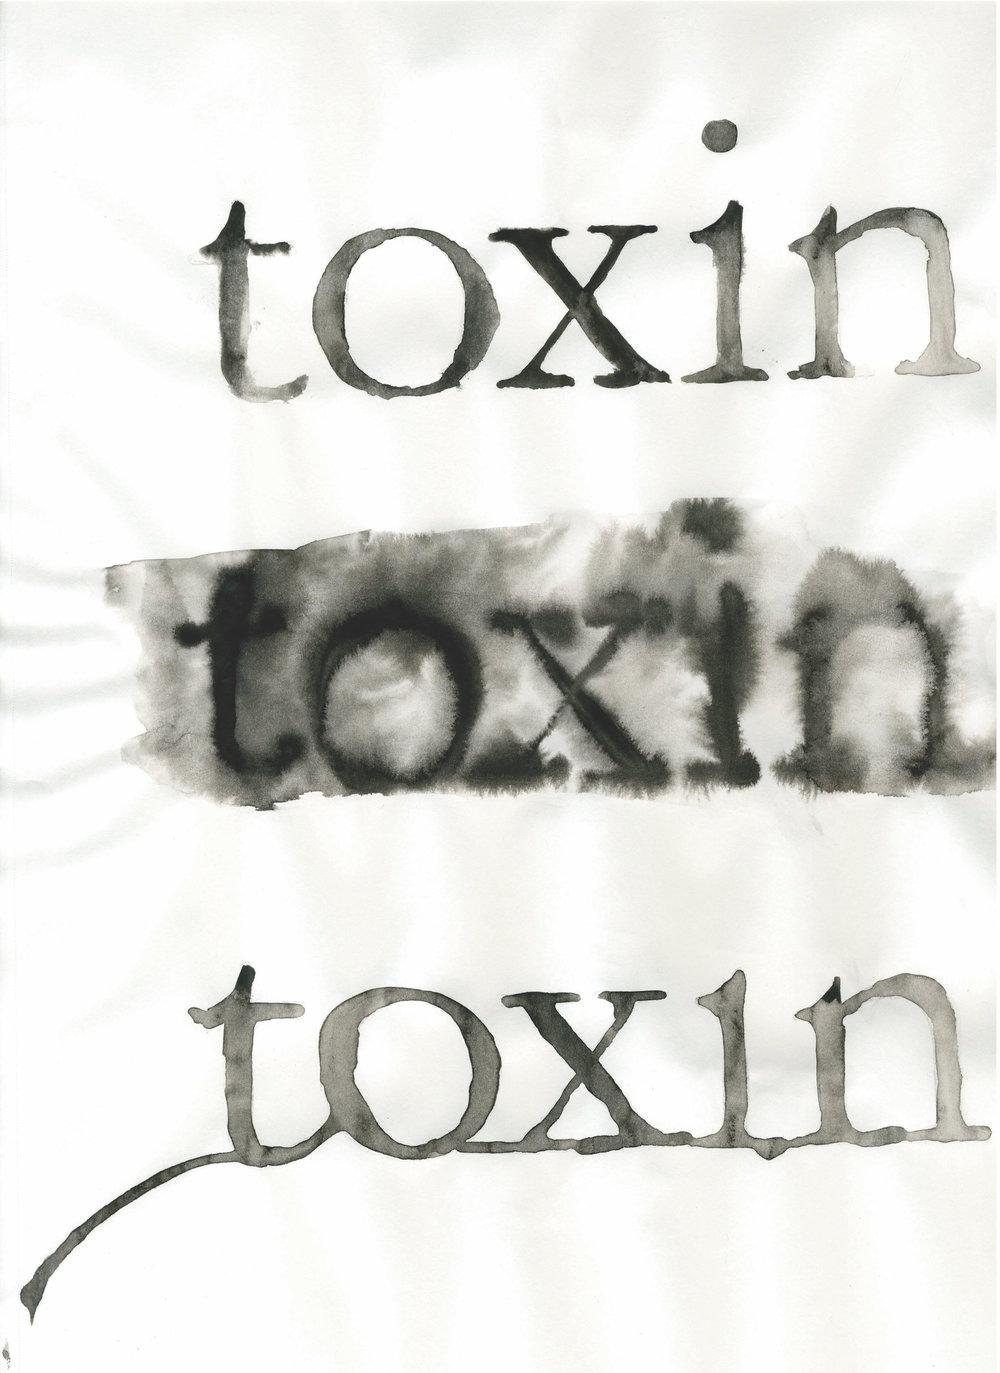 toxinscans_0001_img003.jpg